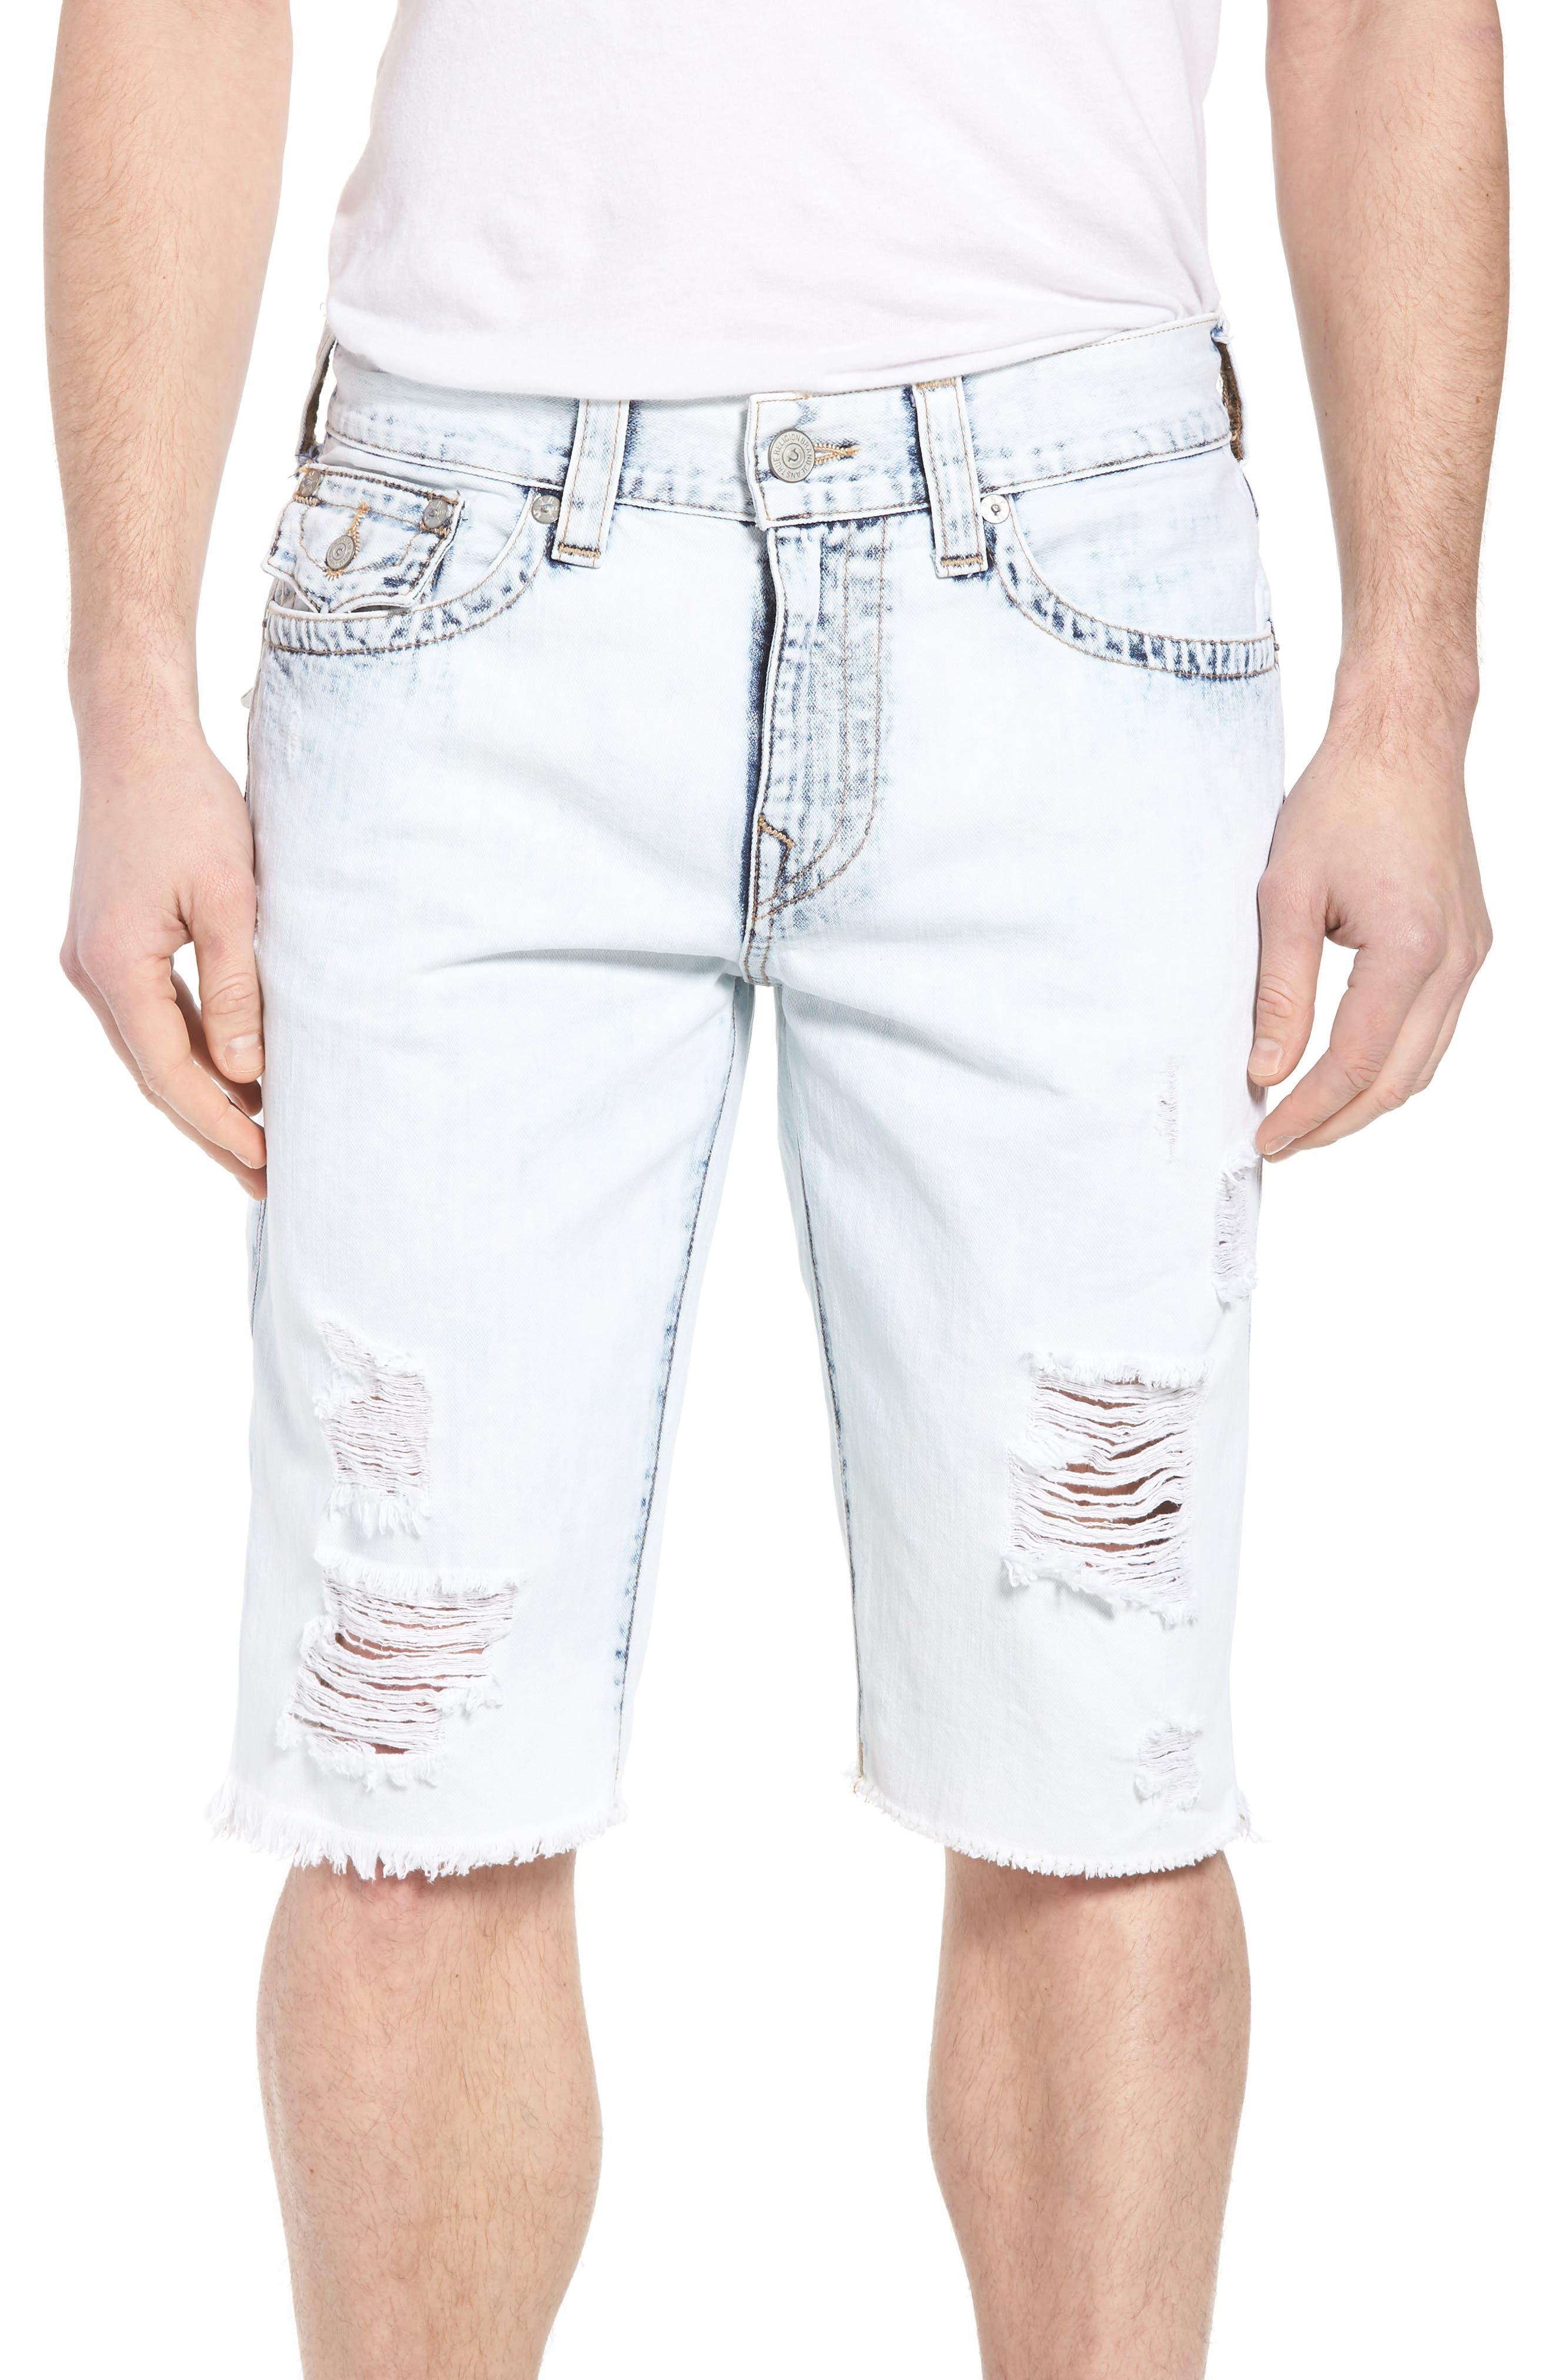 Geno Denim Shorts,                             Main thumbnail 1, color,                             401